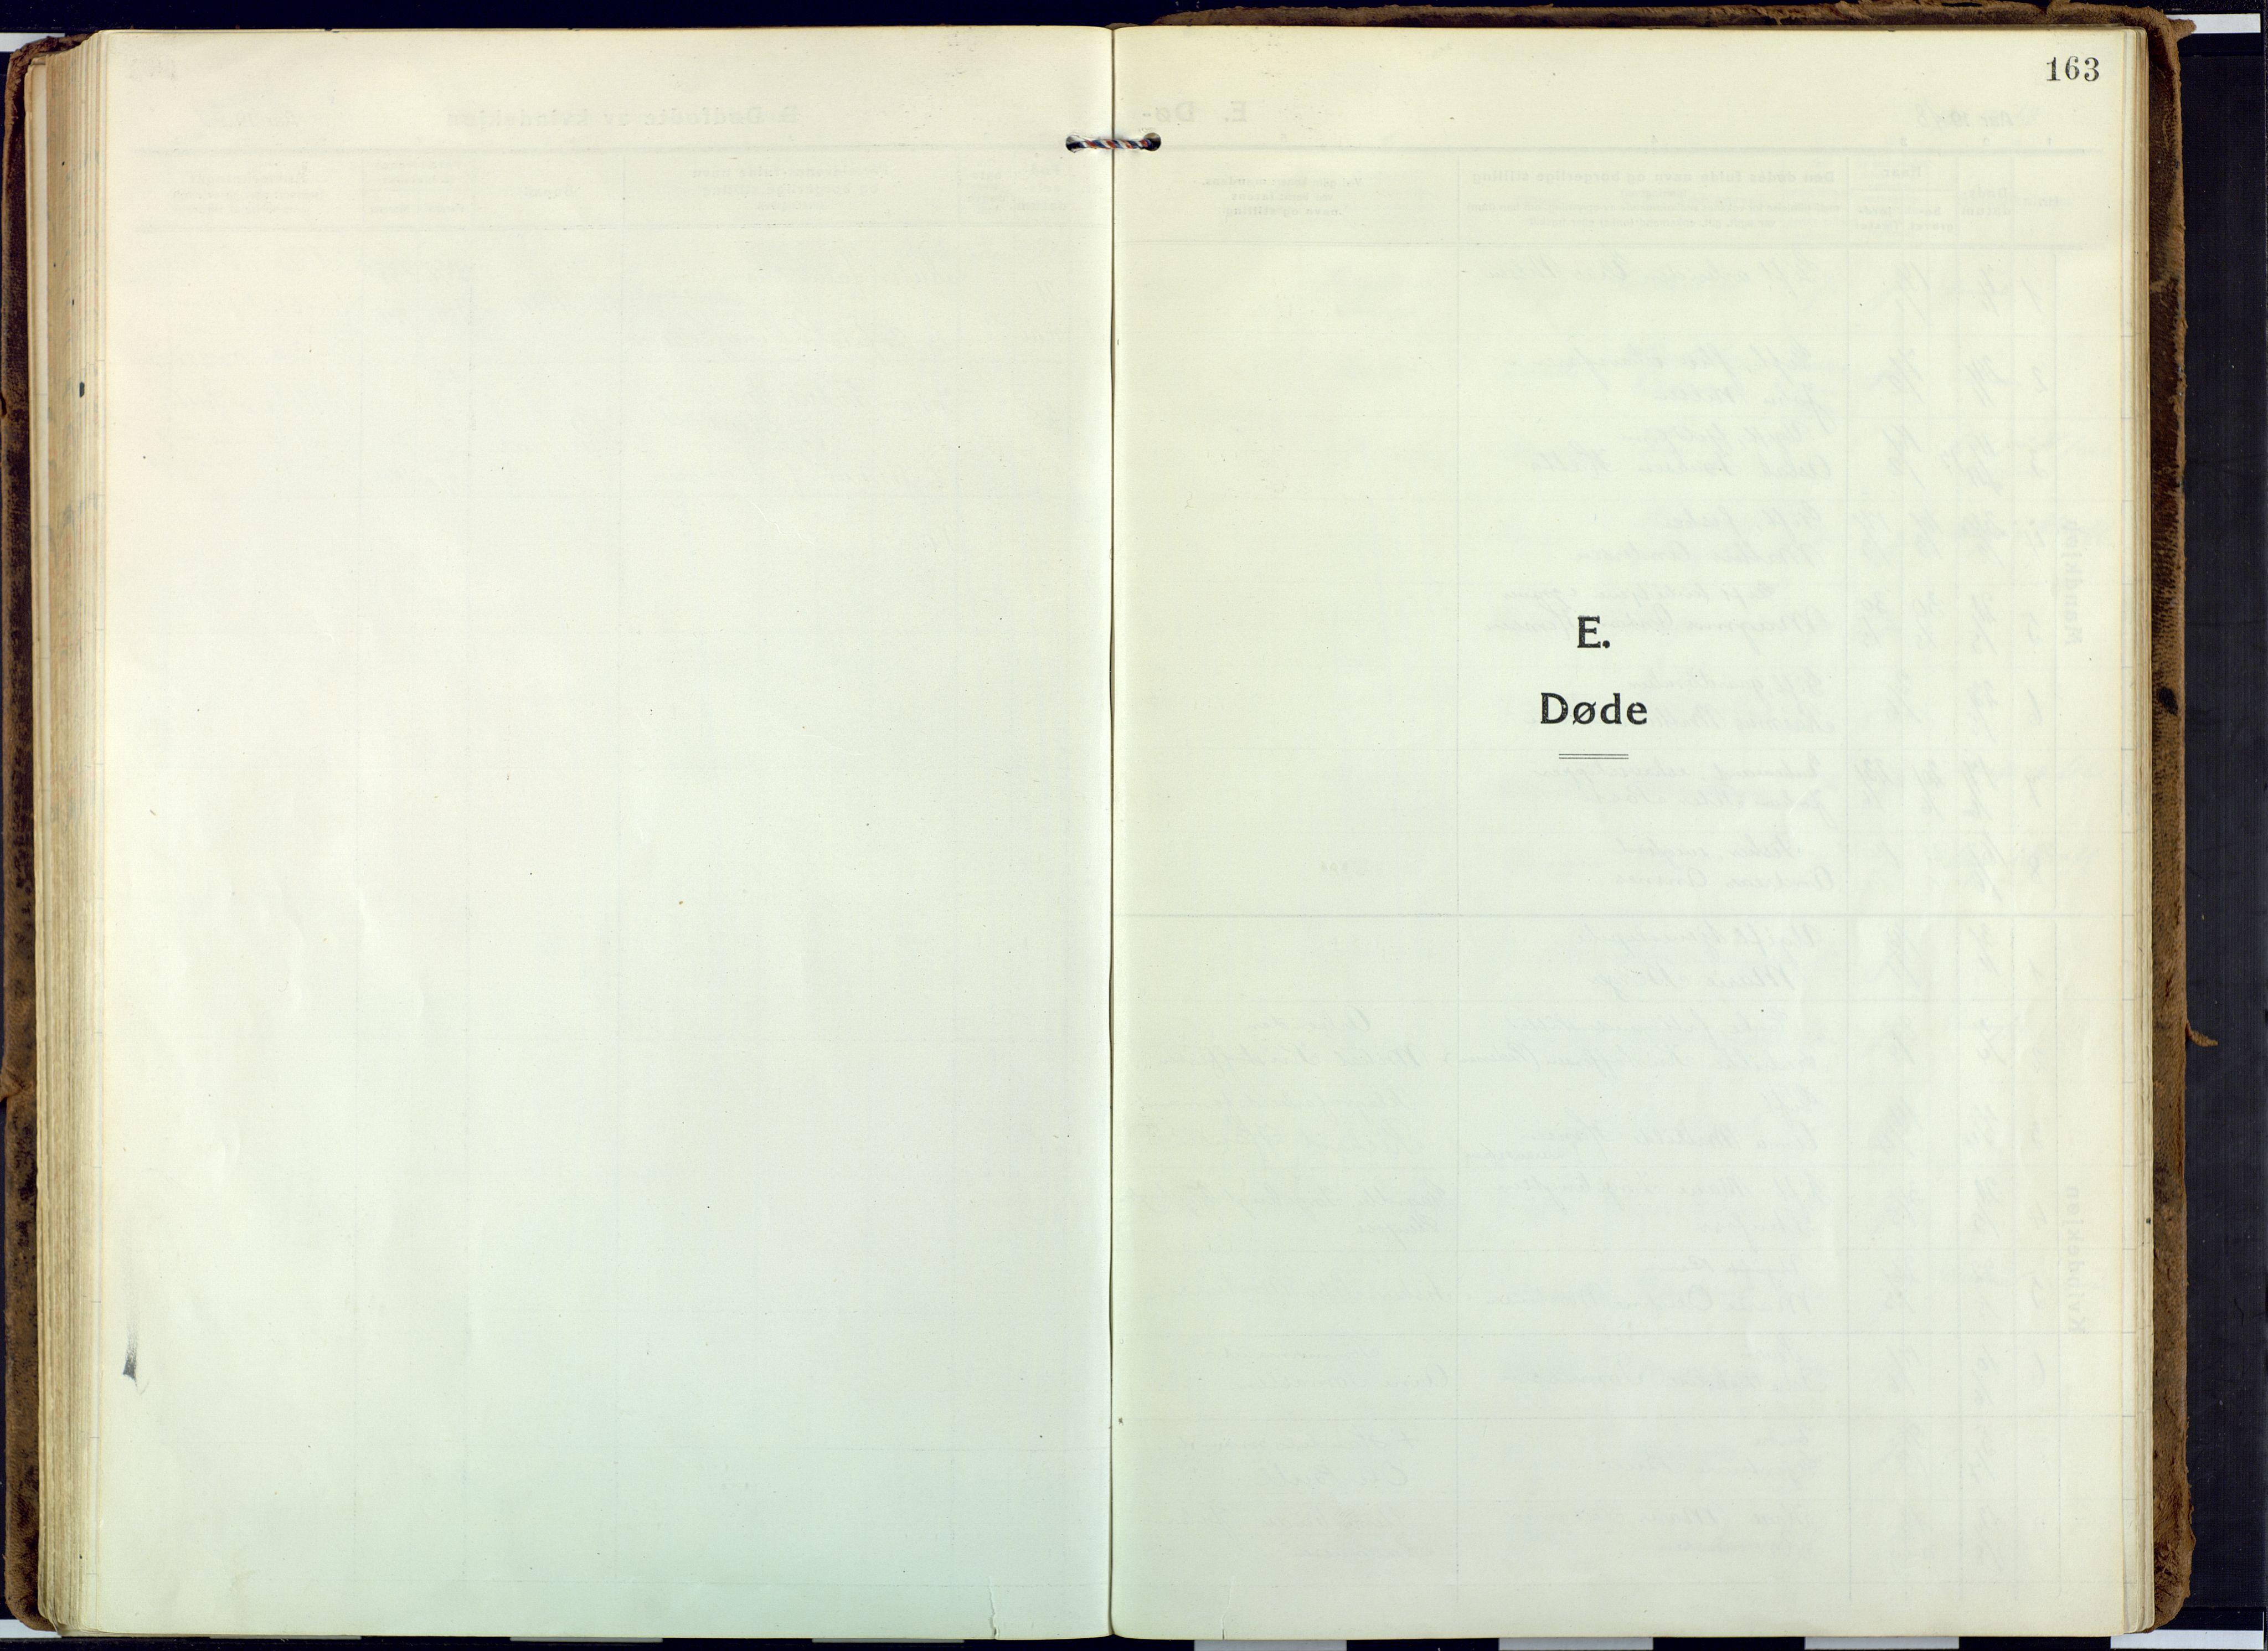 SATØ, Alta sokneprestkontor, H/Ha: Ministerialbok nr. 6, 1918-1931, s. 163